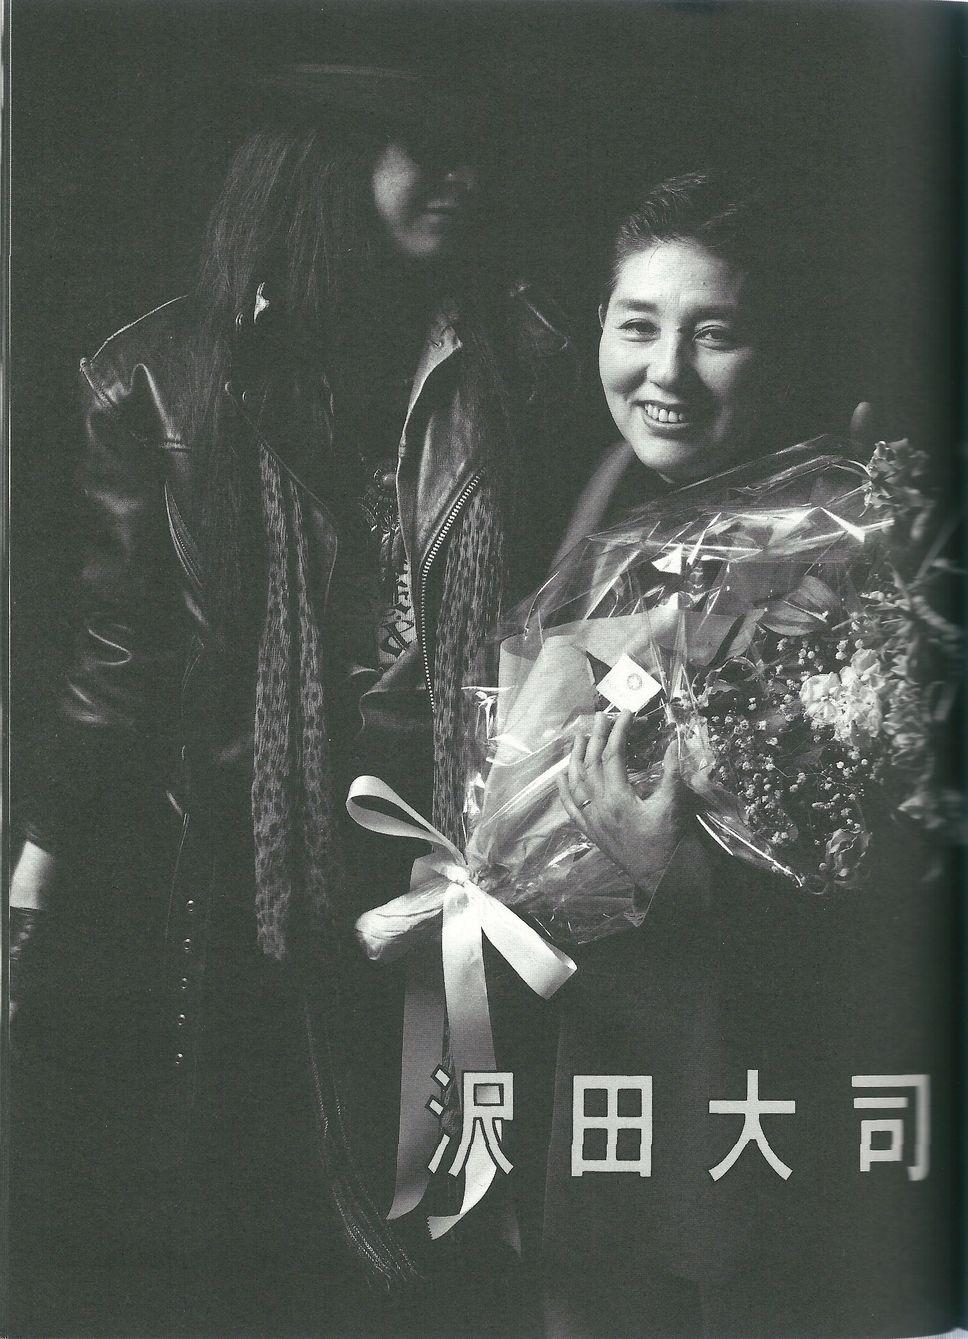 嵐ノ夜 Interview With Sawada Taiji From Book Mother And Interview Books Mother